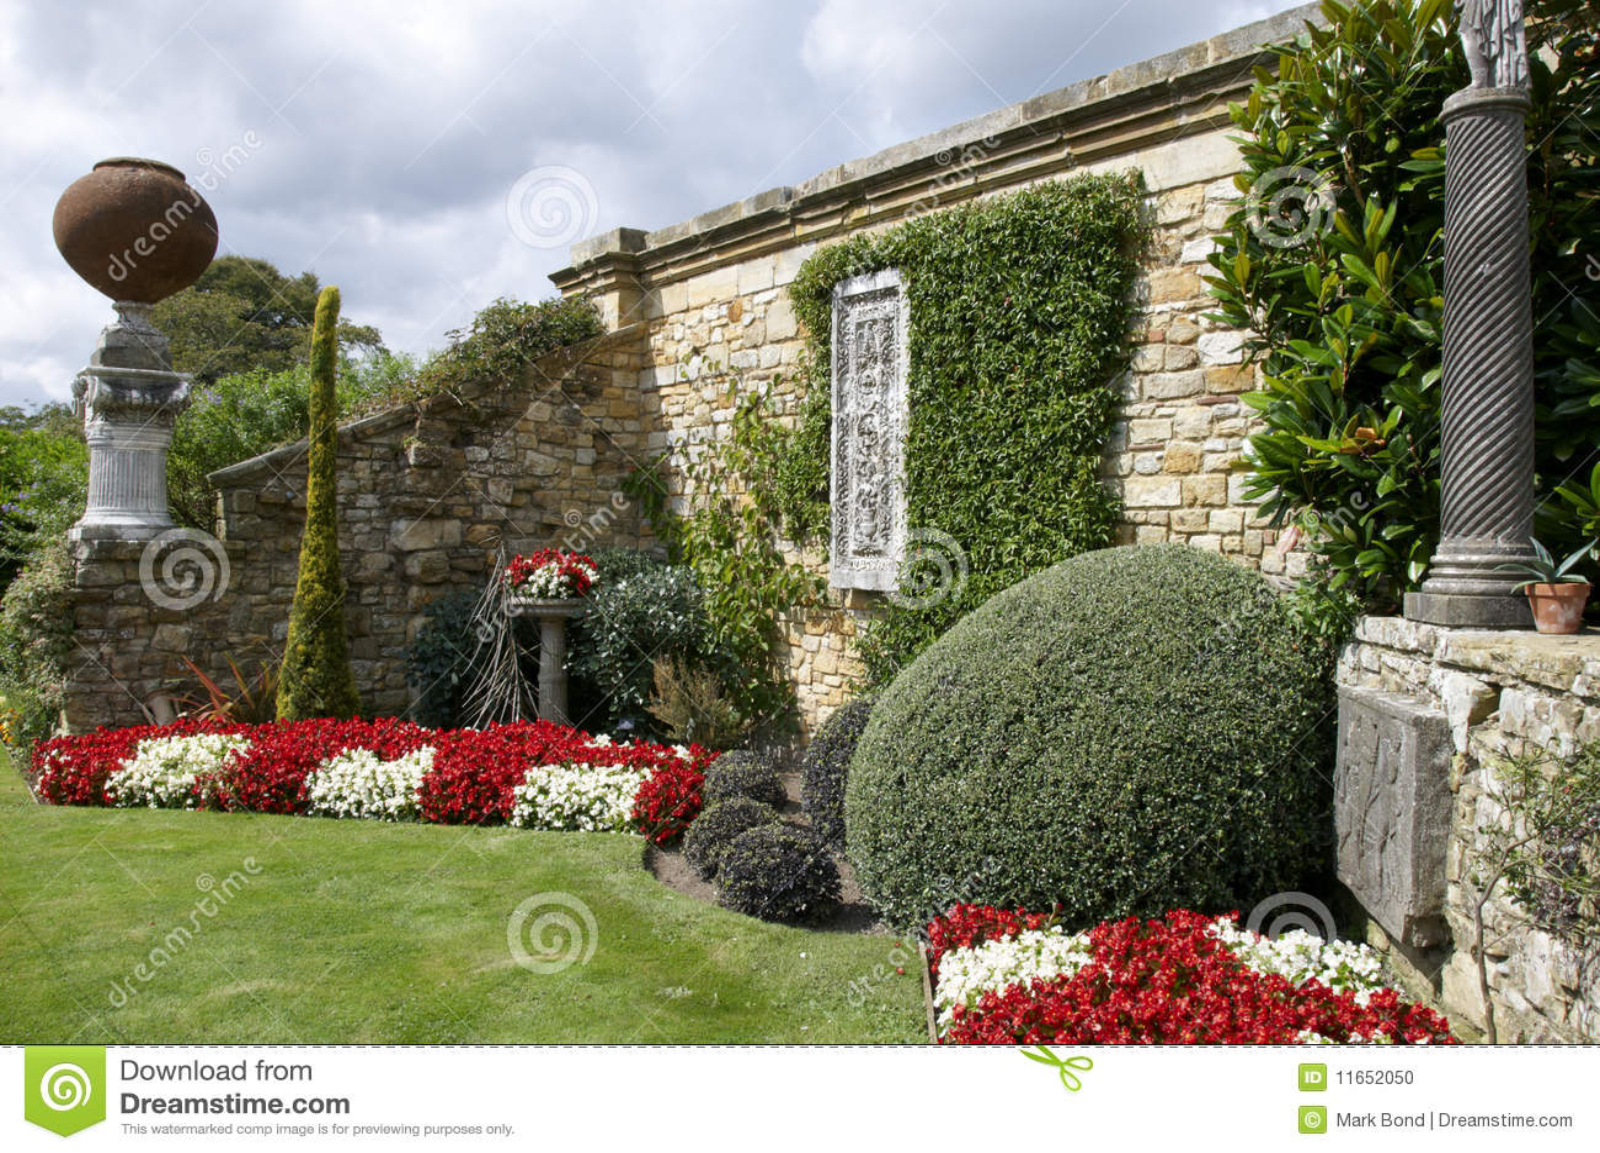 wandgarten stockfoto bild von strauch ziegelstein rand 11652050. Black Bedroom Furniture Sets. Home Design Ideas